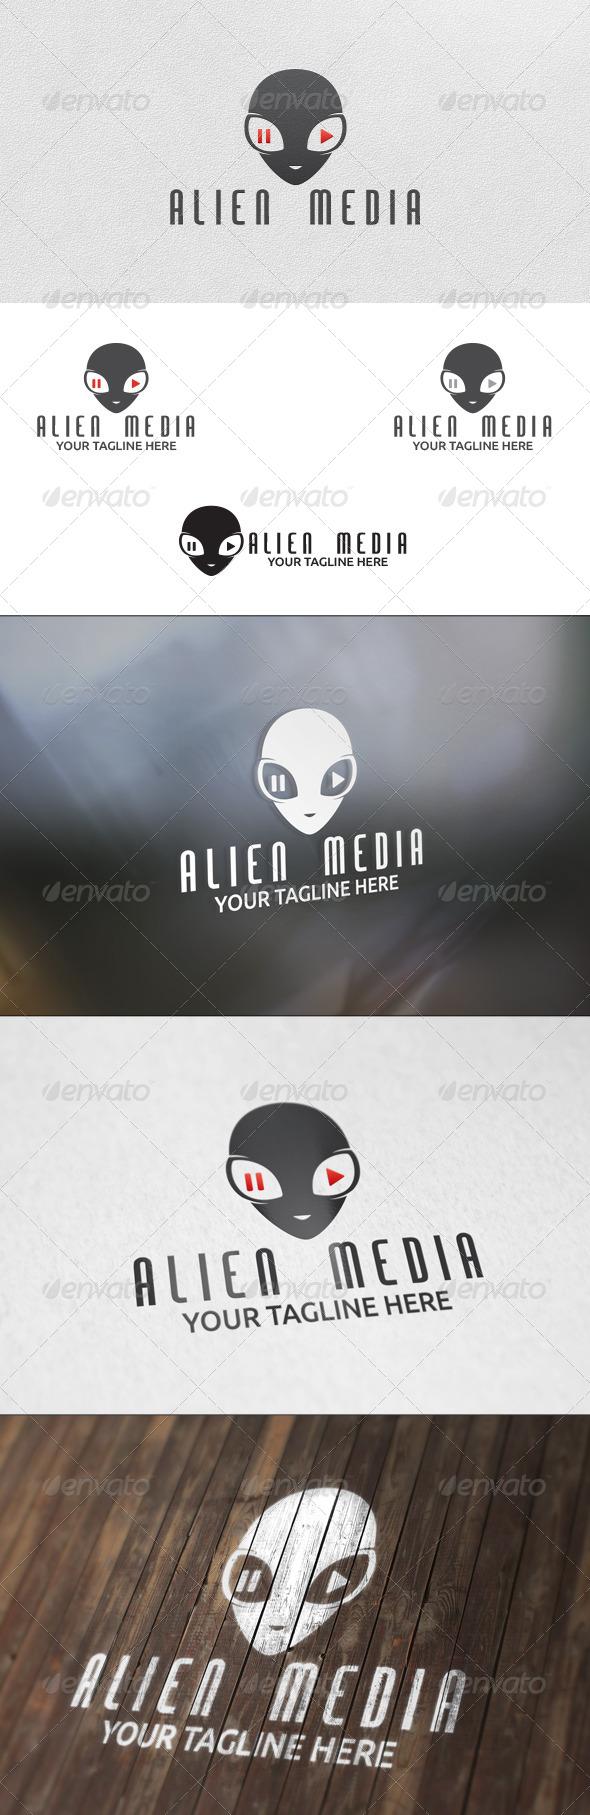 GraphicRiver Alien Media Logo Template 5971286